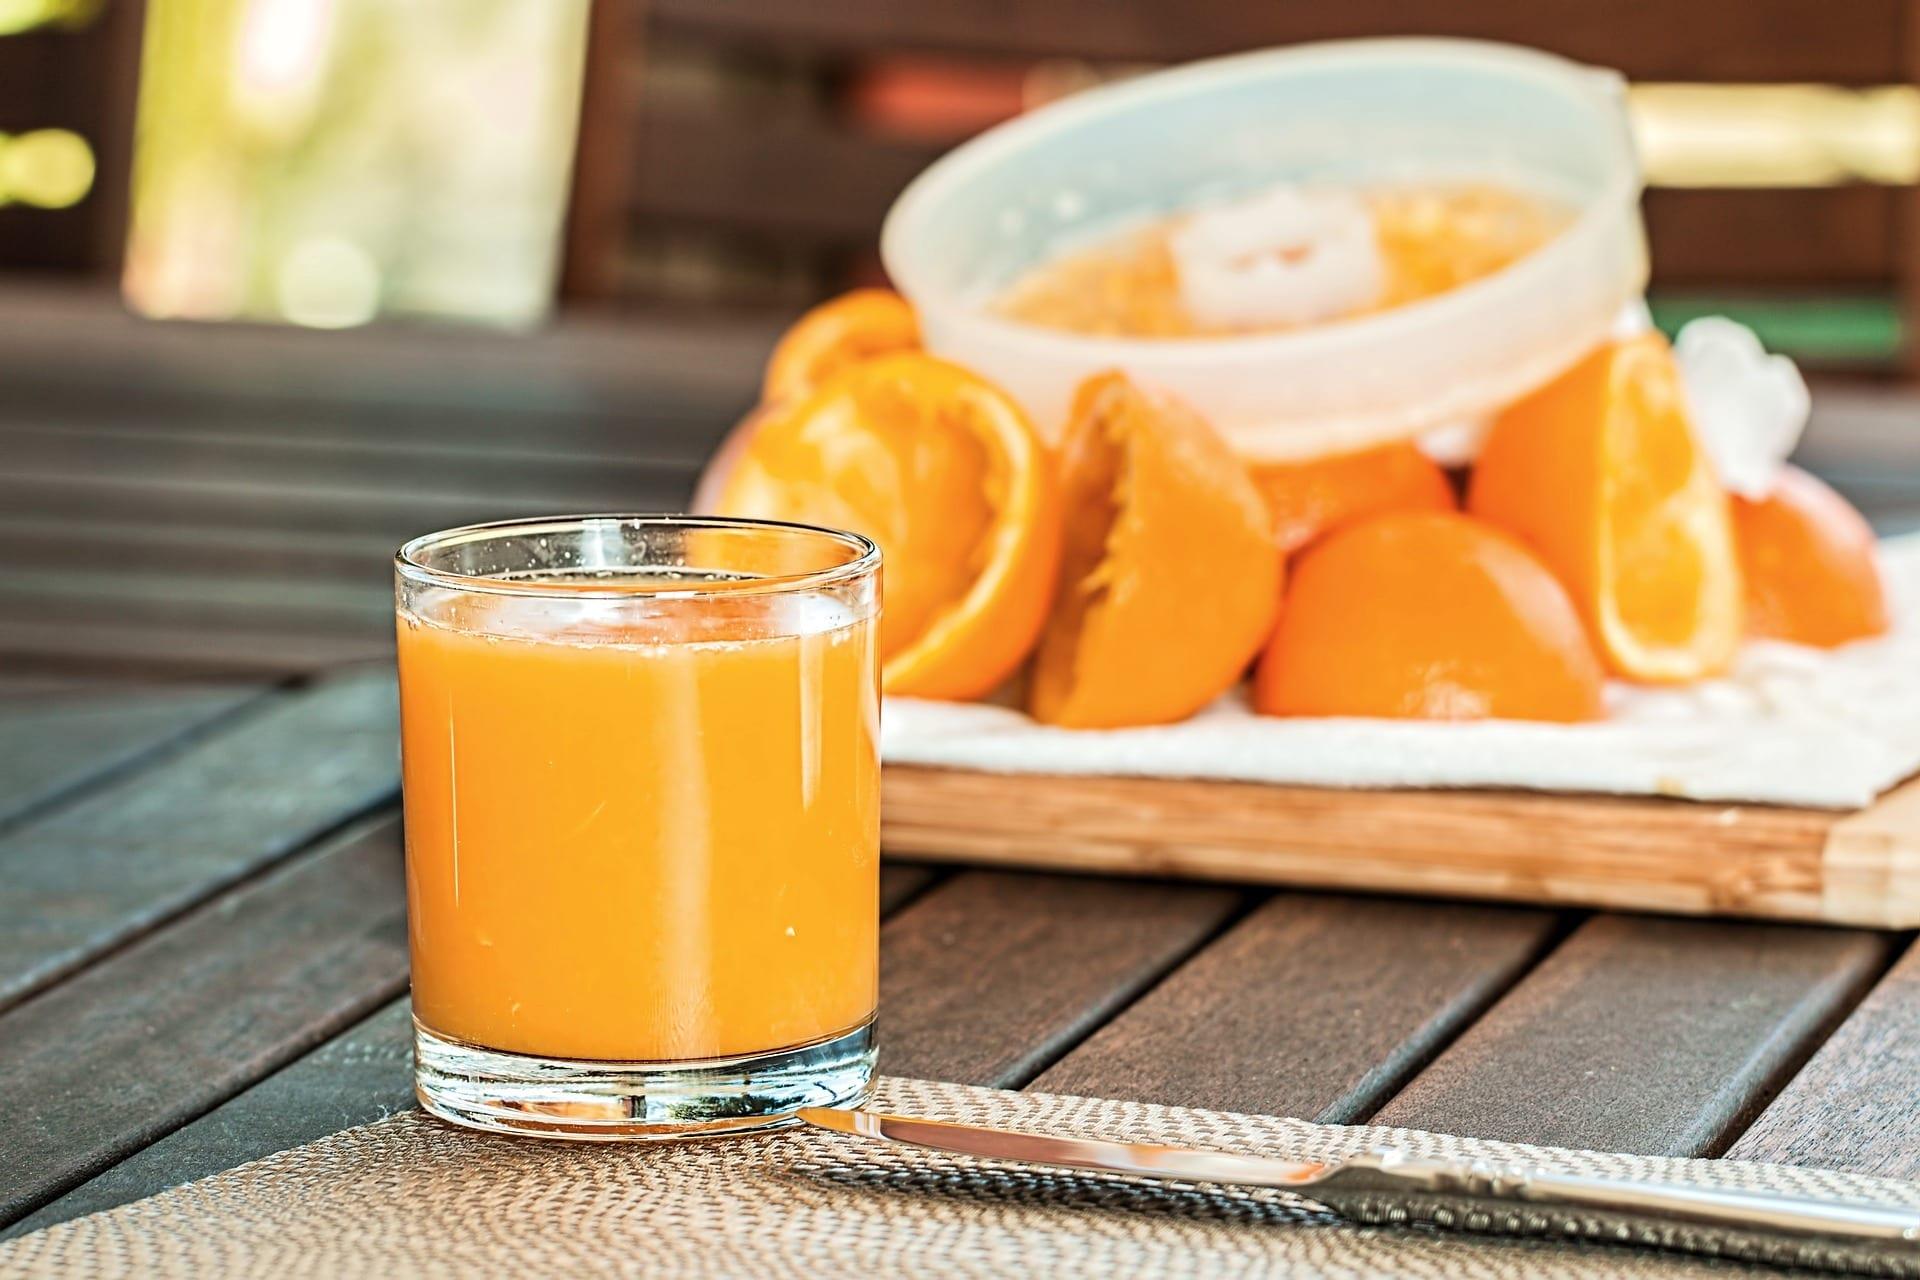 comer con diabetes zumo/beber zumo antes de comer lentejas